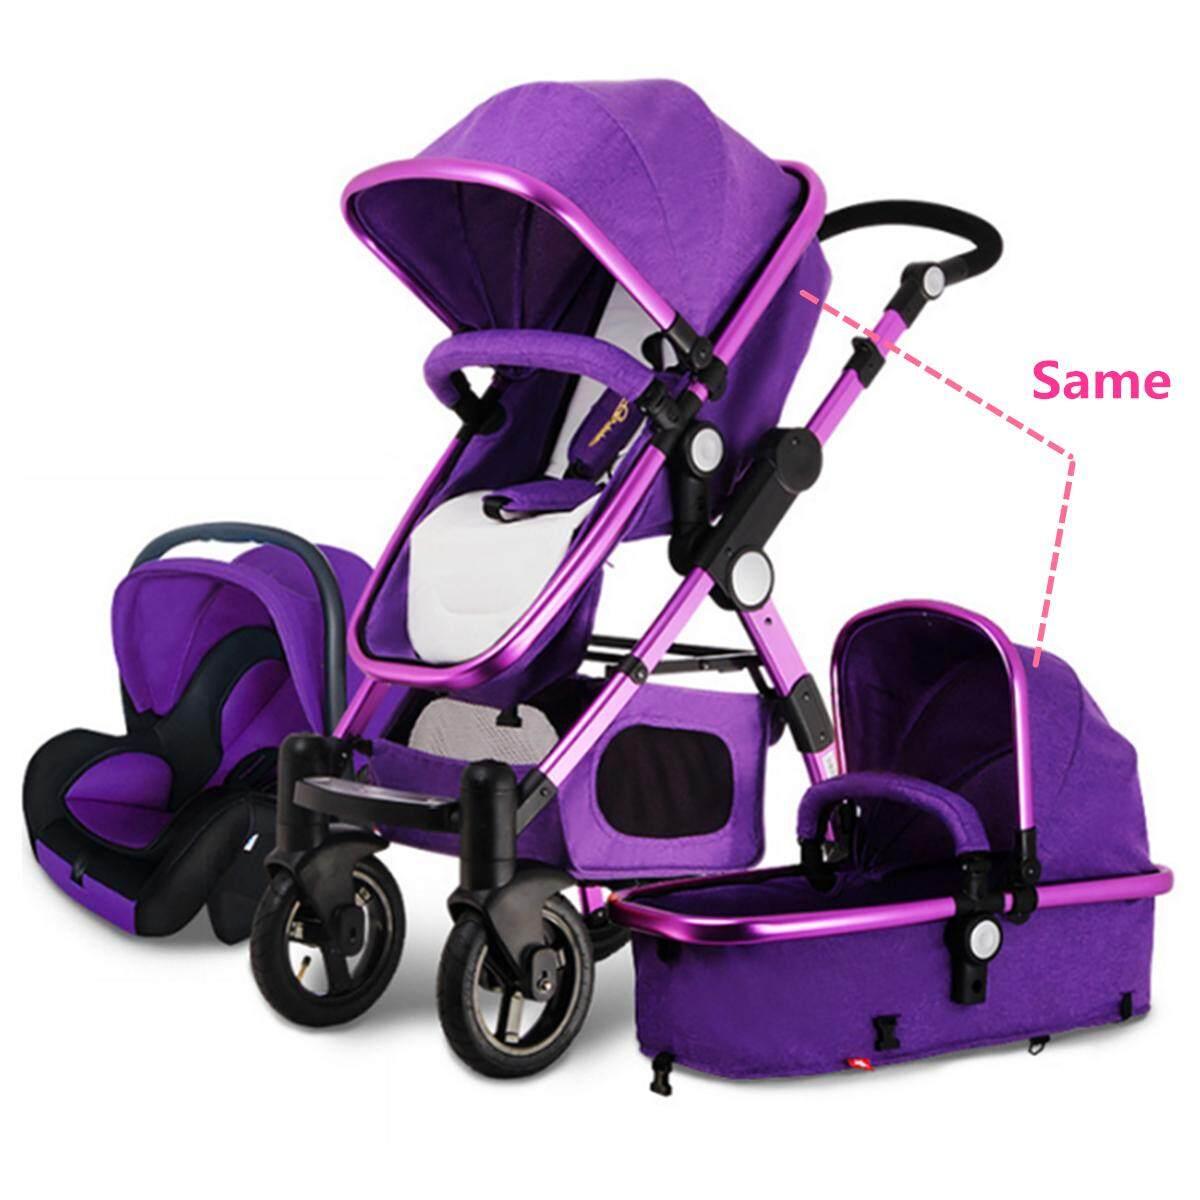 ของแท้และส่งฟรี Unbranded/Generic รถเข็นเด็กสามล้อ 3 in 1 Pro รถเข็นเด็กทารกสูงดูรถเข็นเด็กพับได้ Bassinet และรถที่นั่ง # สีม่วง - INTL ลดราคาเกินครึ่ง